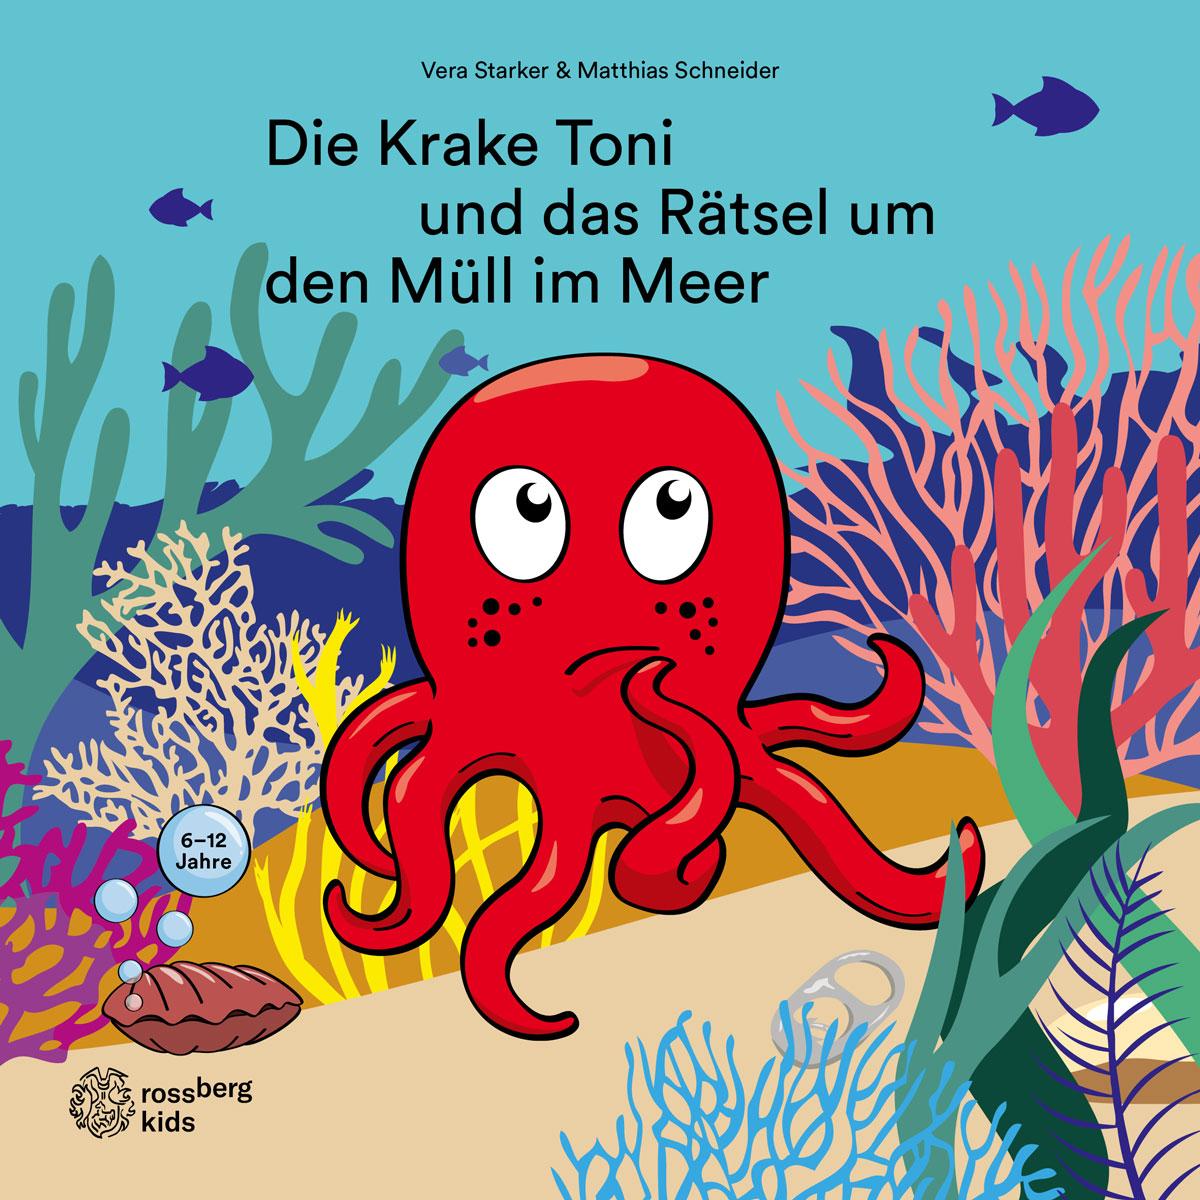 Die Krake Toni und das Rätsel um den Müll im Meer. Rossberg kids in der RBV Verlag GmbH